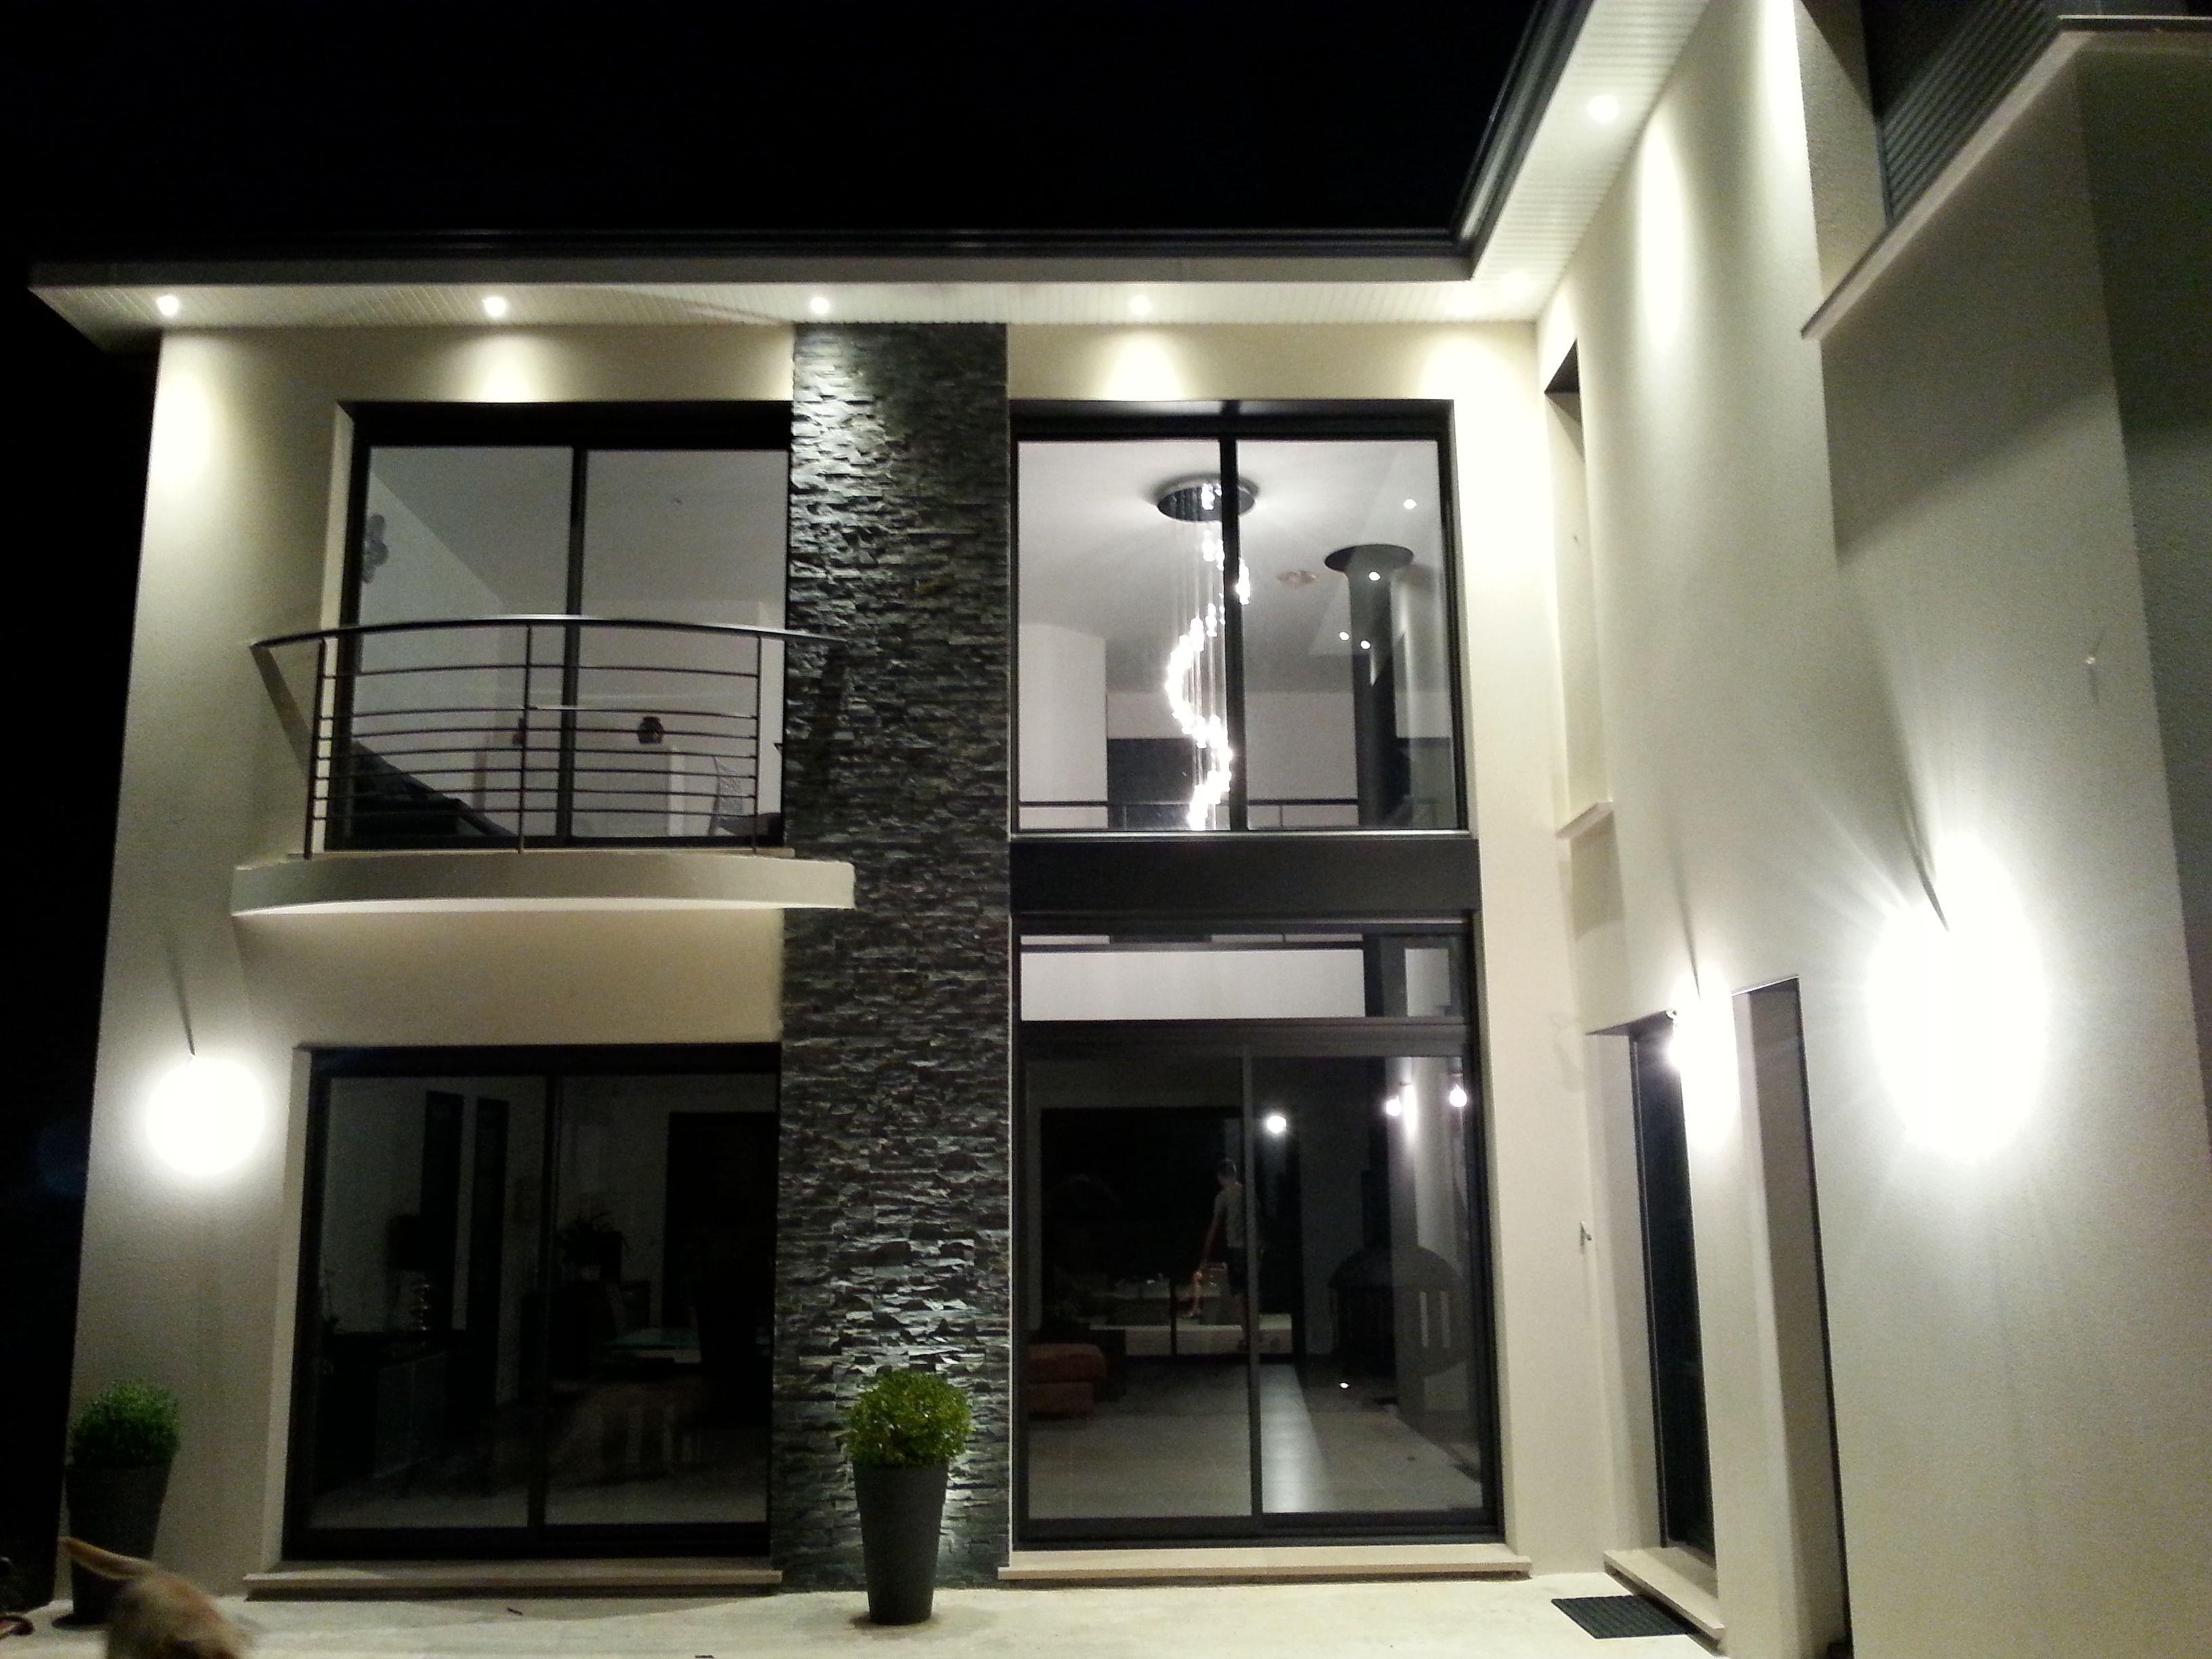 Maison   Modèle 2   Les Maisons Renobat   480000 Euros   200 M2 | Faire